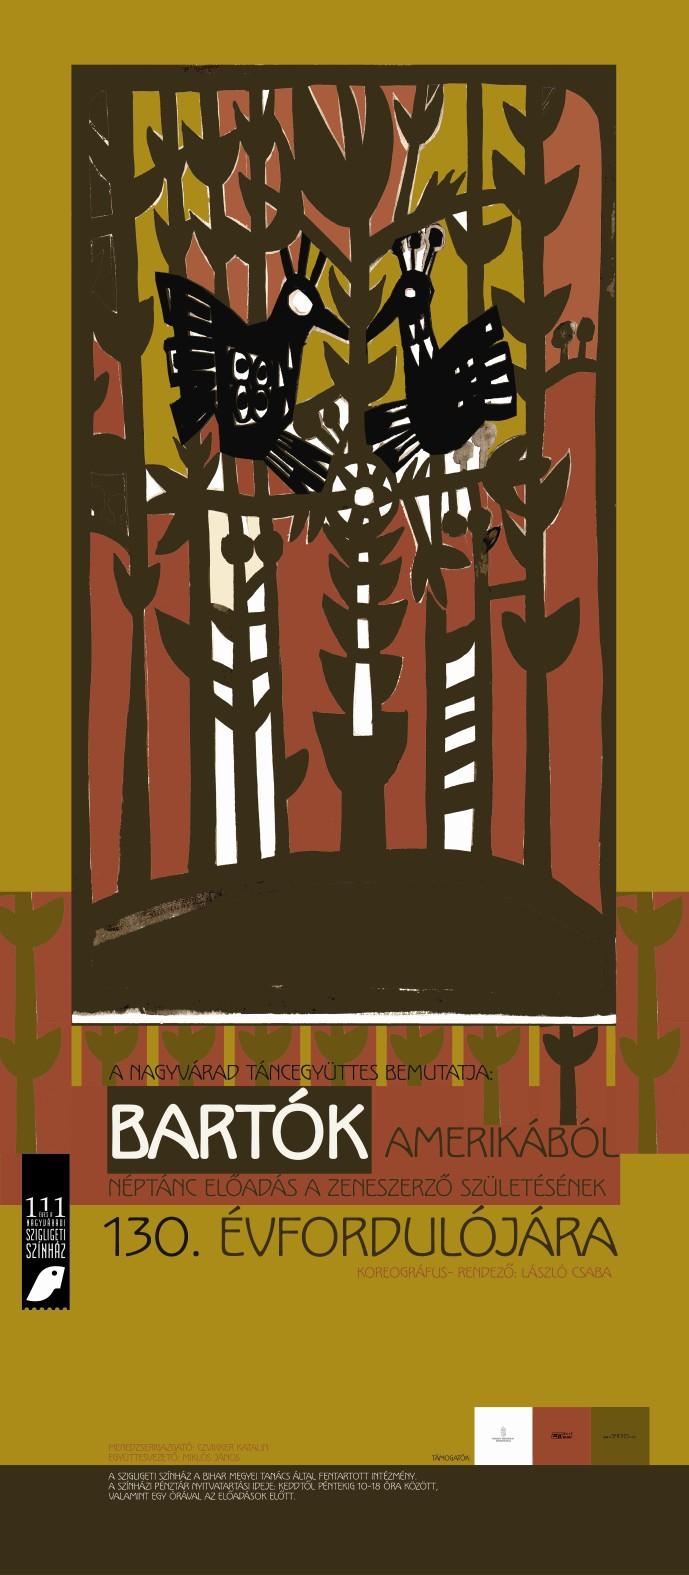 Bartók Amerikából